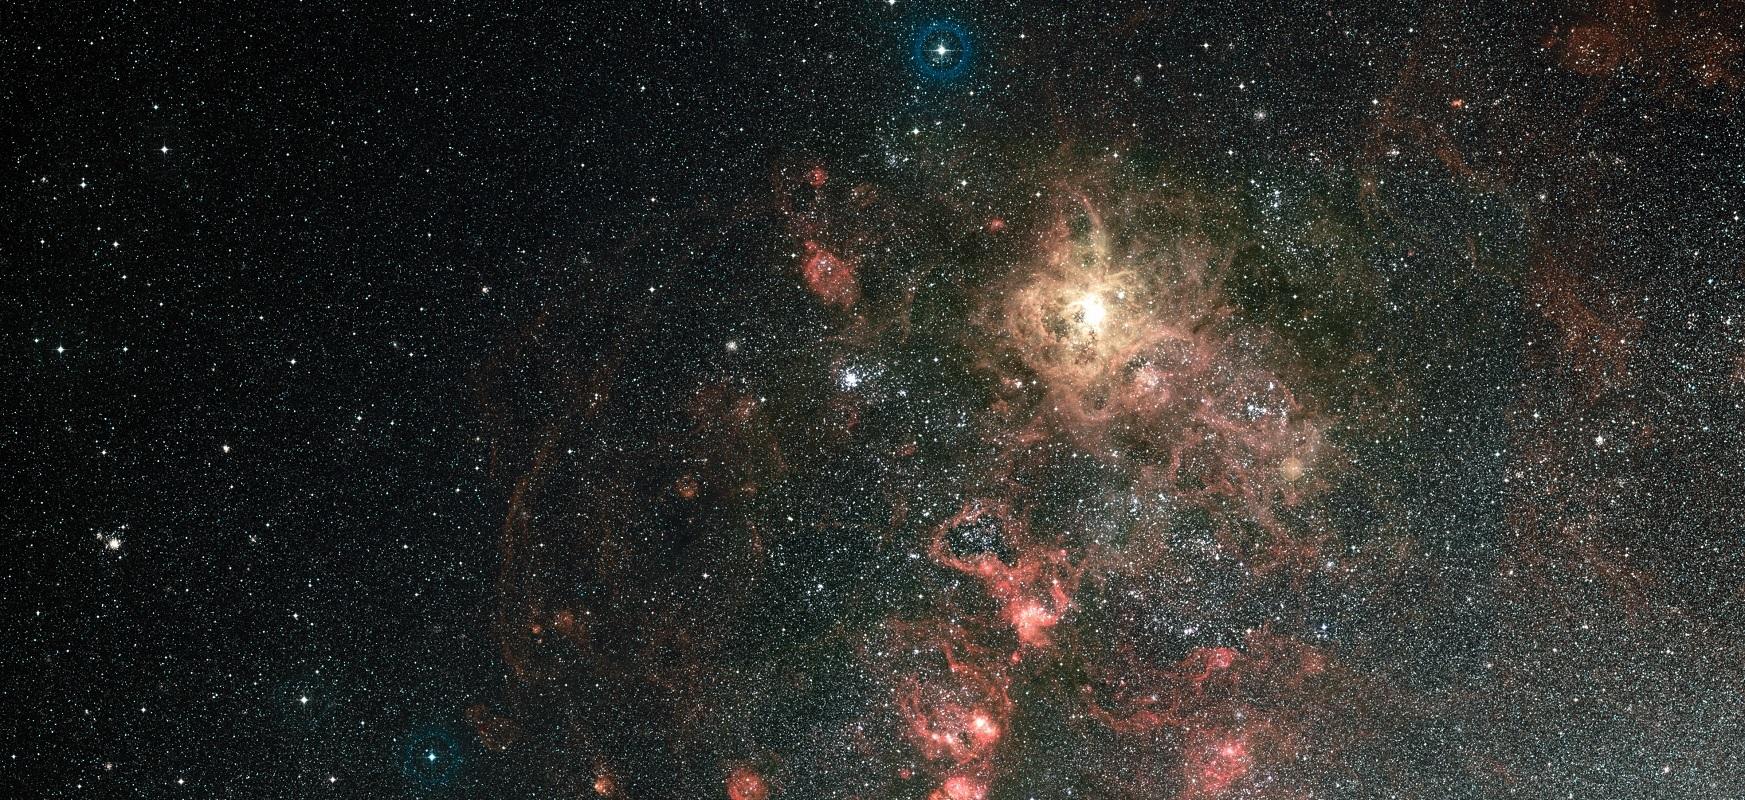 Hubble-k izar masiboak Tarantula Nebulan nola sortzen diren aztertzen du